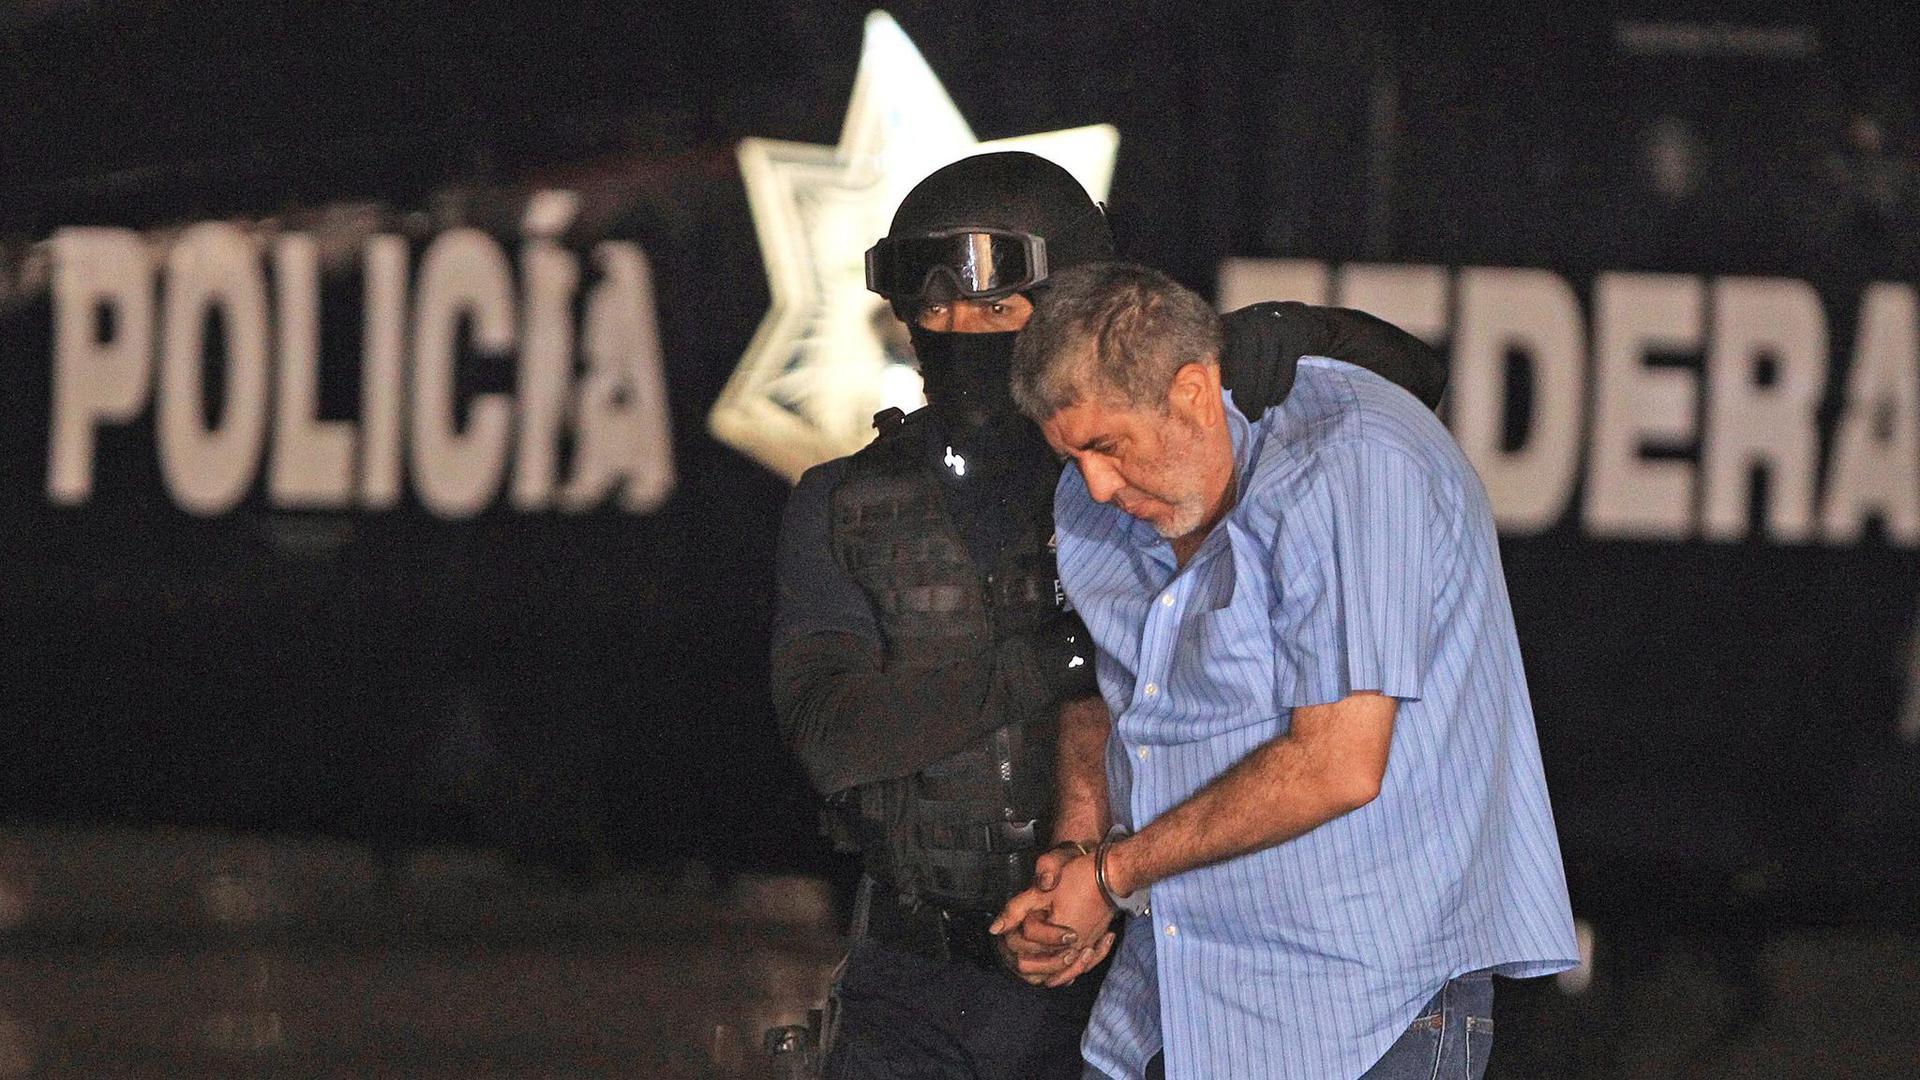 """Vicente Carrillo Fuentes alias """"El Viceroy"""" wird von einem Polizisten abgeführt (2014)."""